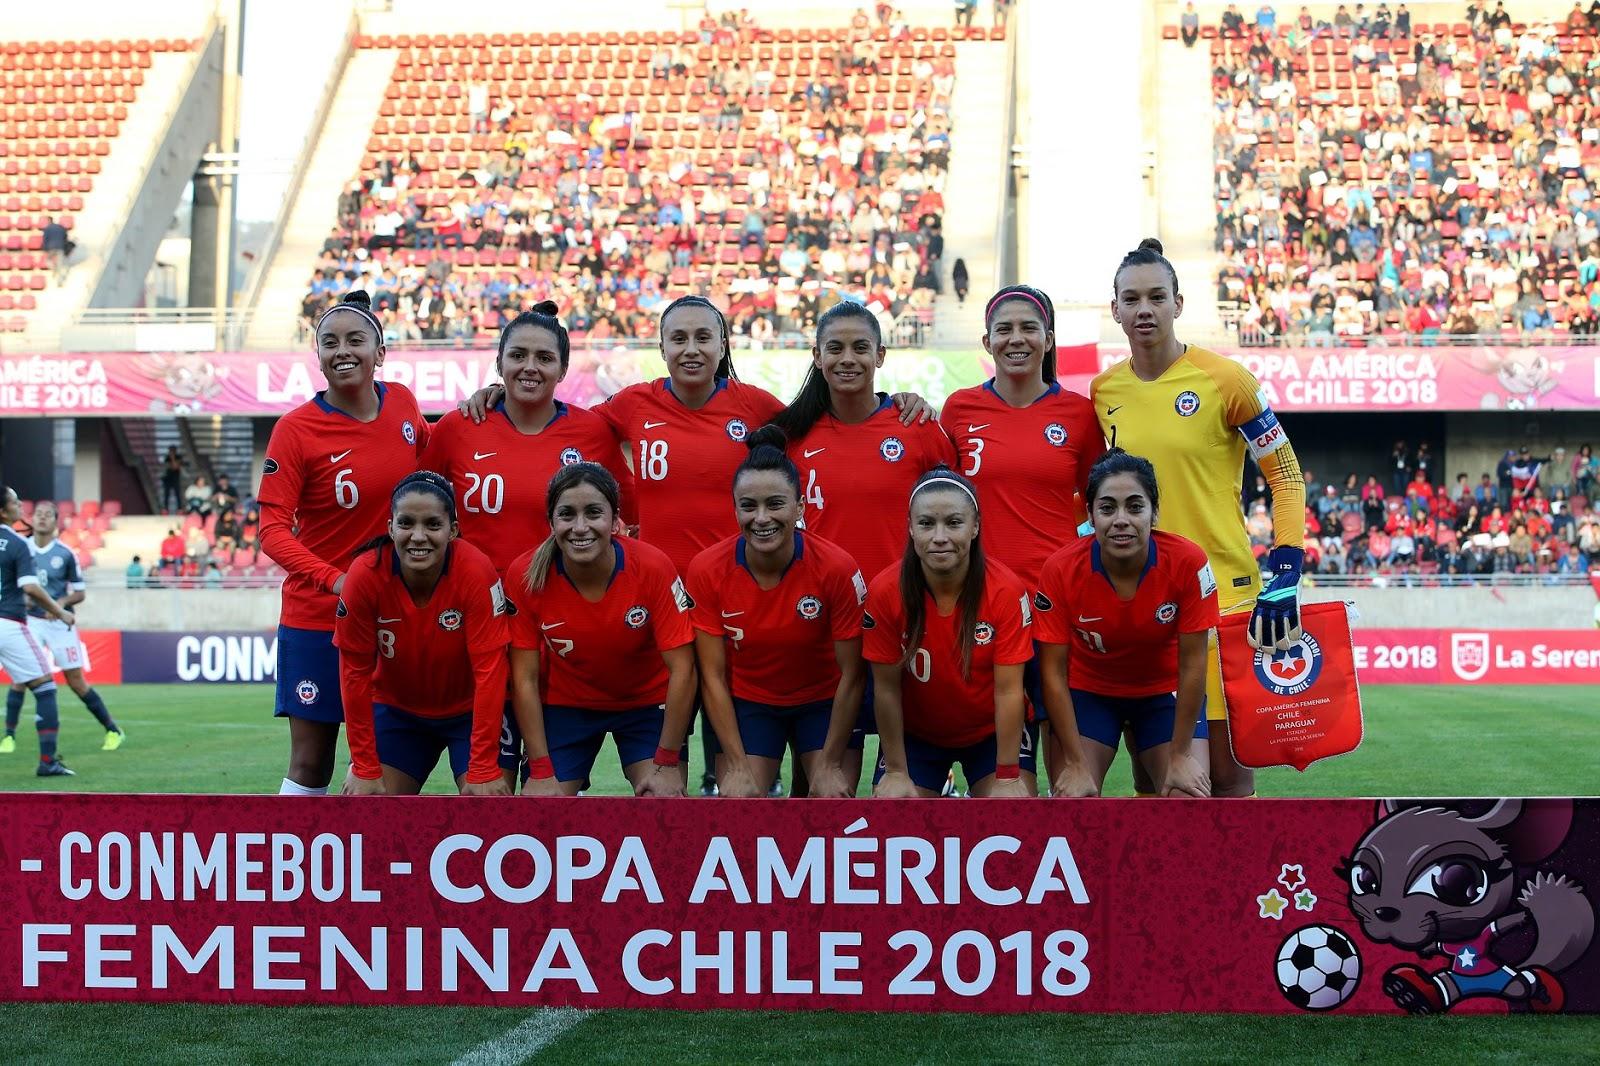 Formación de selección de Chile ante Paraguay, Copa América Femenina 2018, 4 de abril